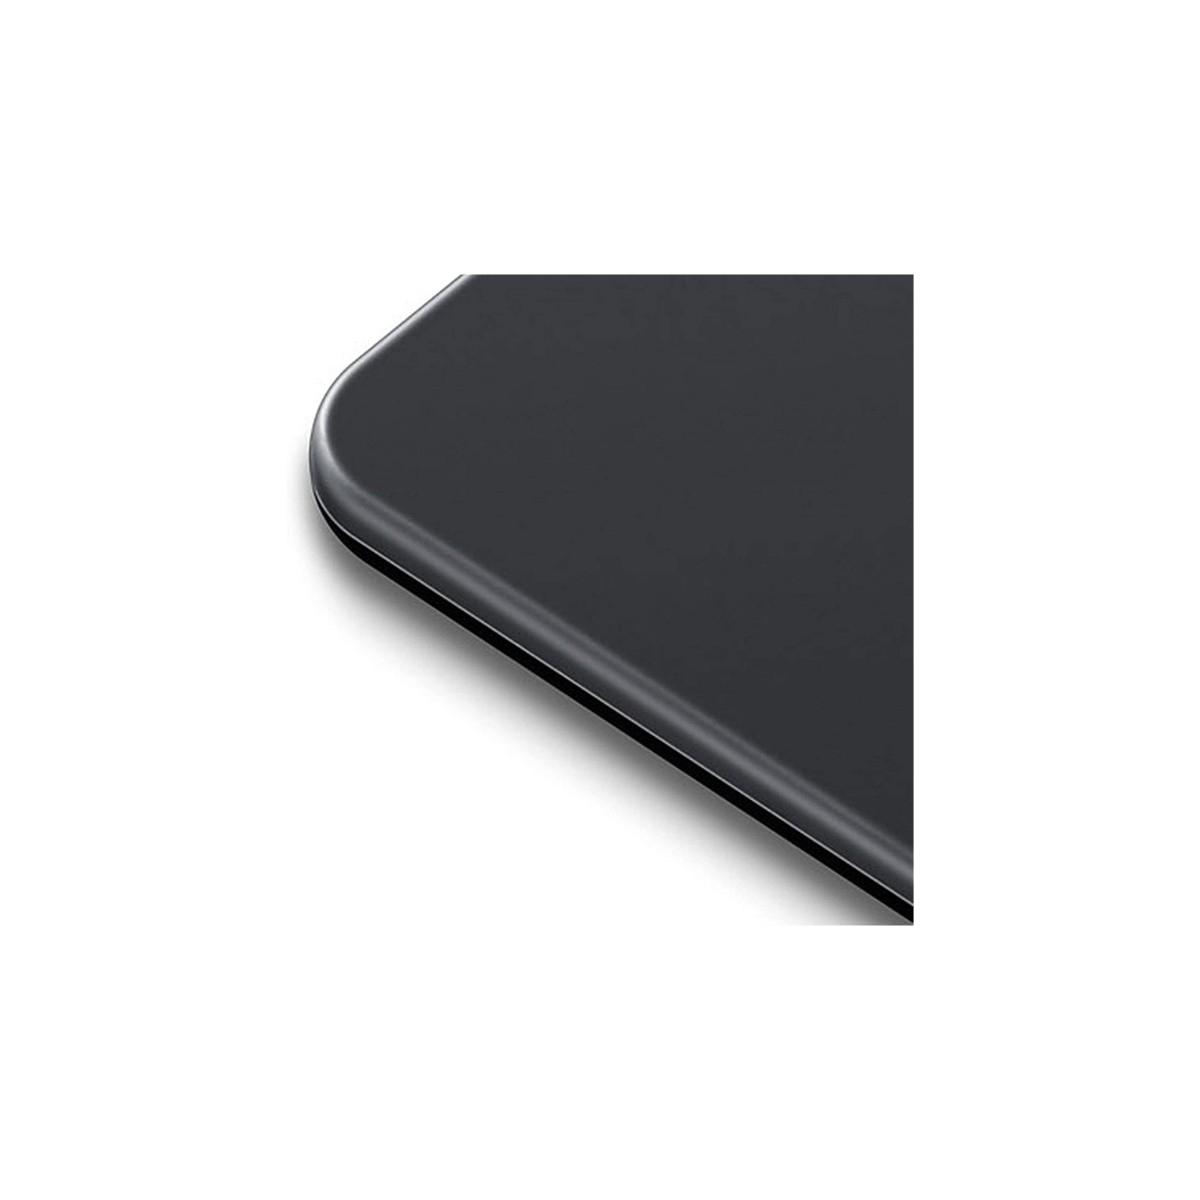 XXL ANTI-SLIP SCALE - 180 Kg